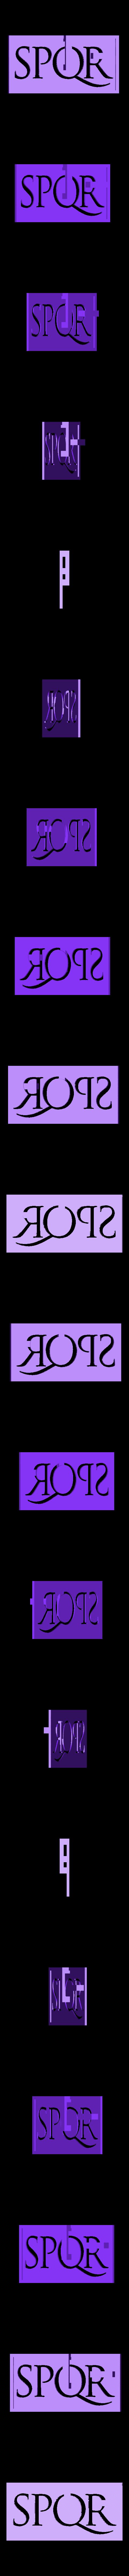 spqr.stl Download free STL file Roman SPQR banner stencil • 3D print object, arpruss